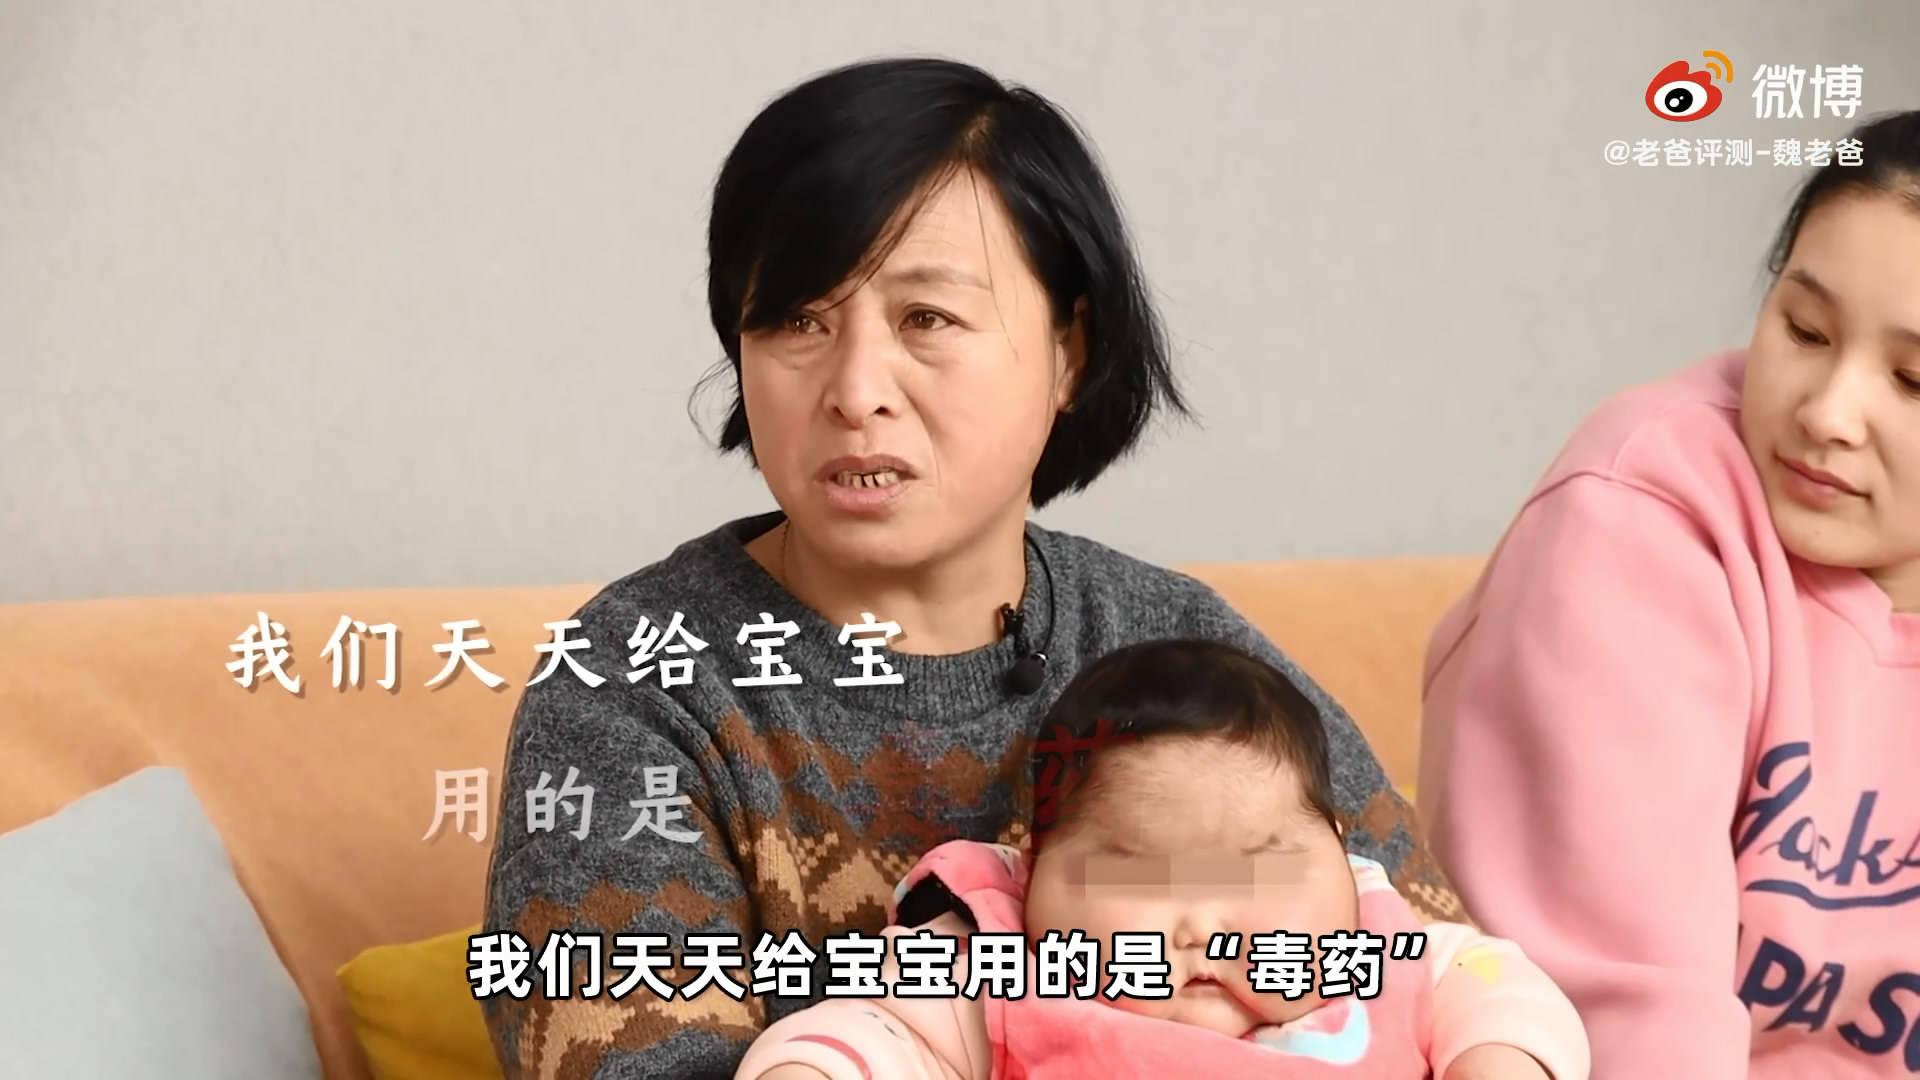 婴儿用抑菌霜成大头娃娃?医院检查一切正常,厂家称家长在炒作  第6张